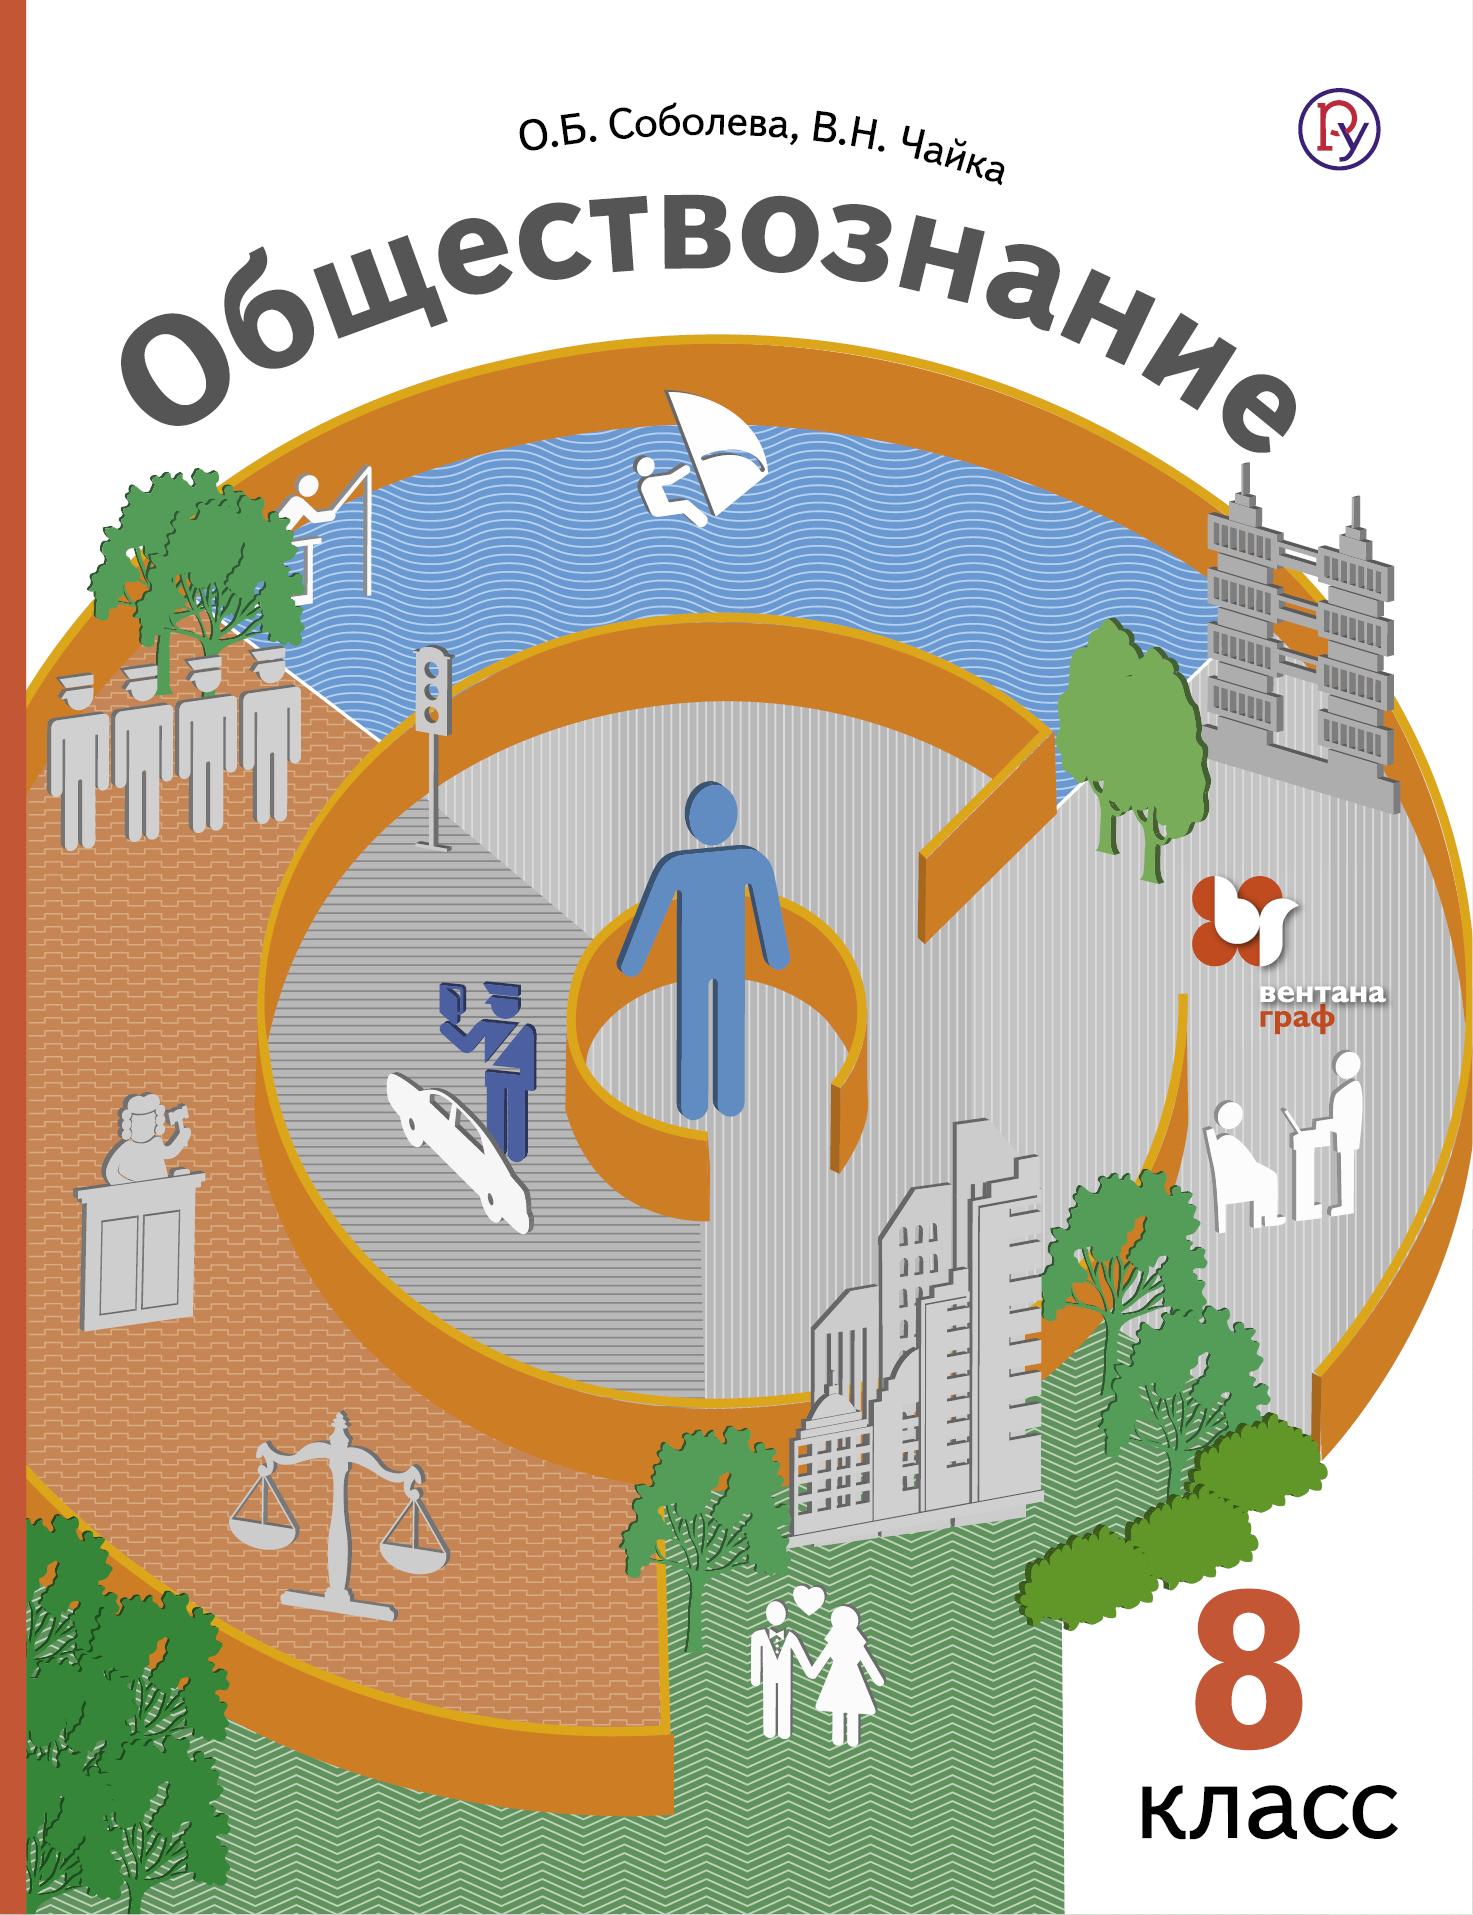 Обществознание. 8кл. Учебник. от book24.ru